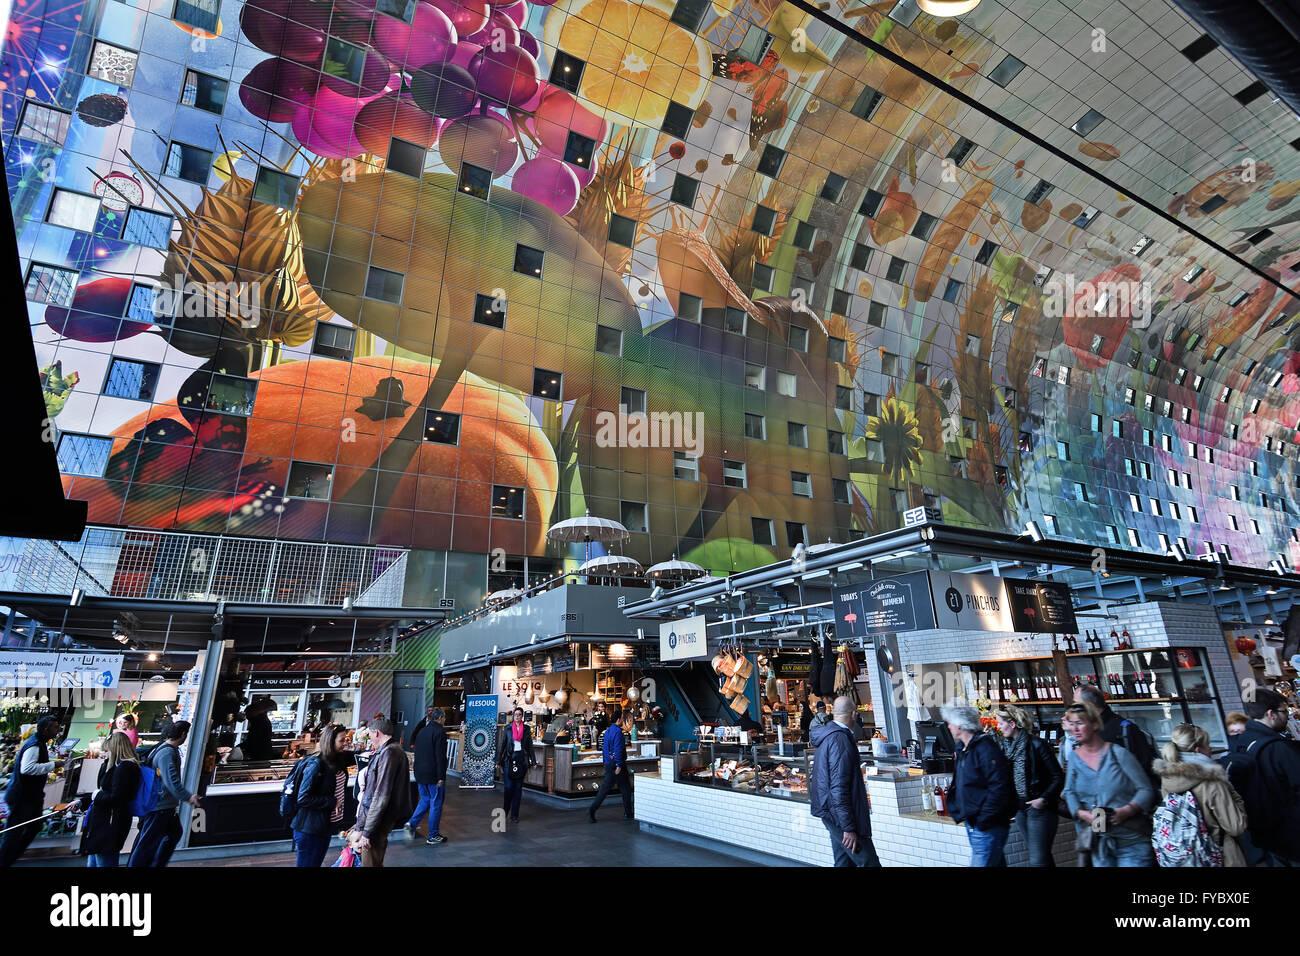 Bunte Interieur der Rotterdamse Markthal (Rotterdam-Markthalle) bei ...